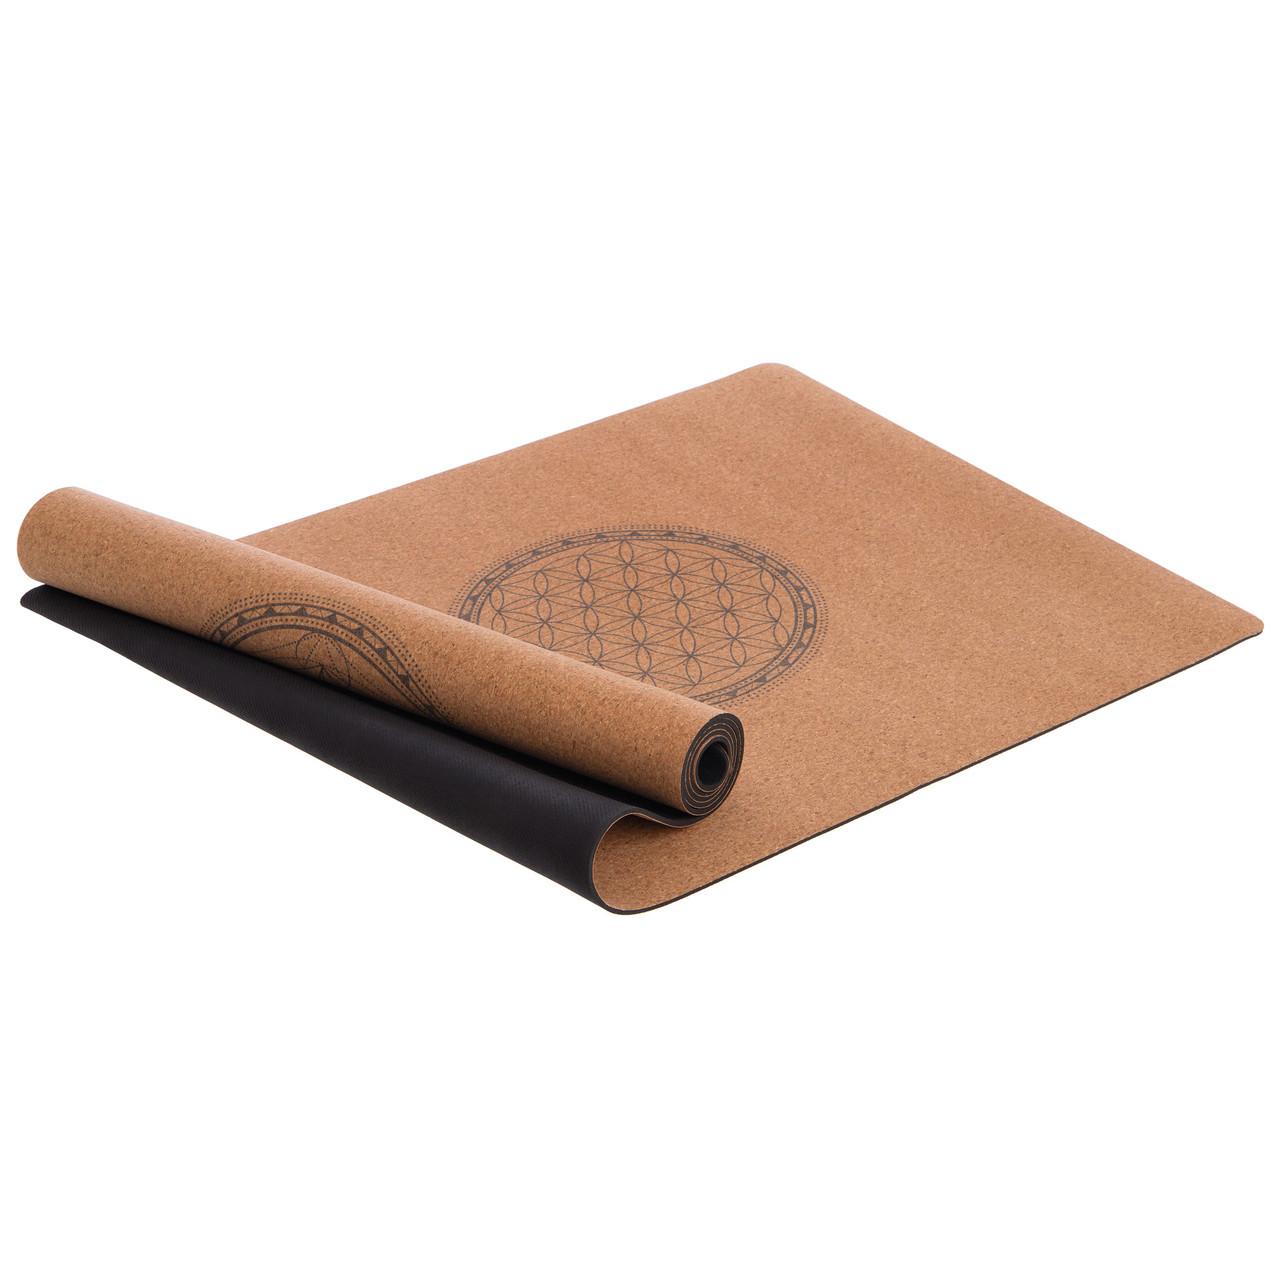 Килимок для йоги Корковий каучуковий двошаровий 4мм Record FI-7156-8 (каучук, з принтом Мандала, рудий)